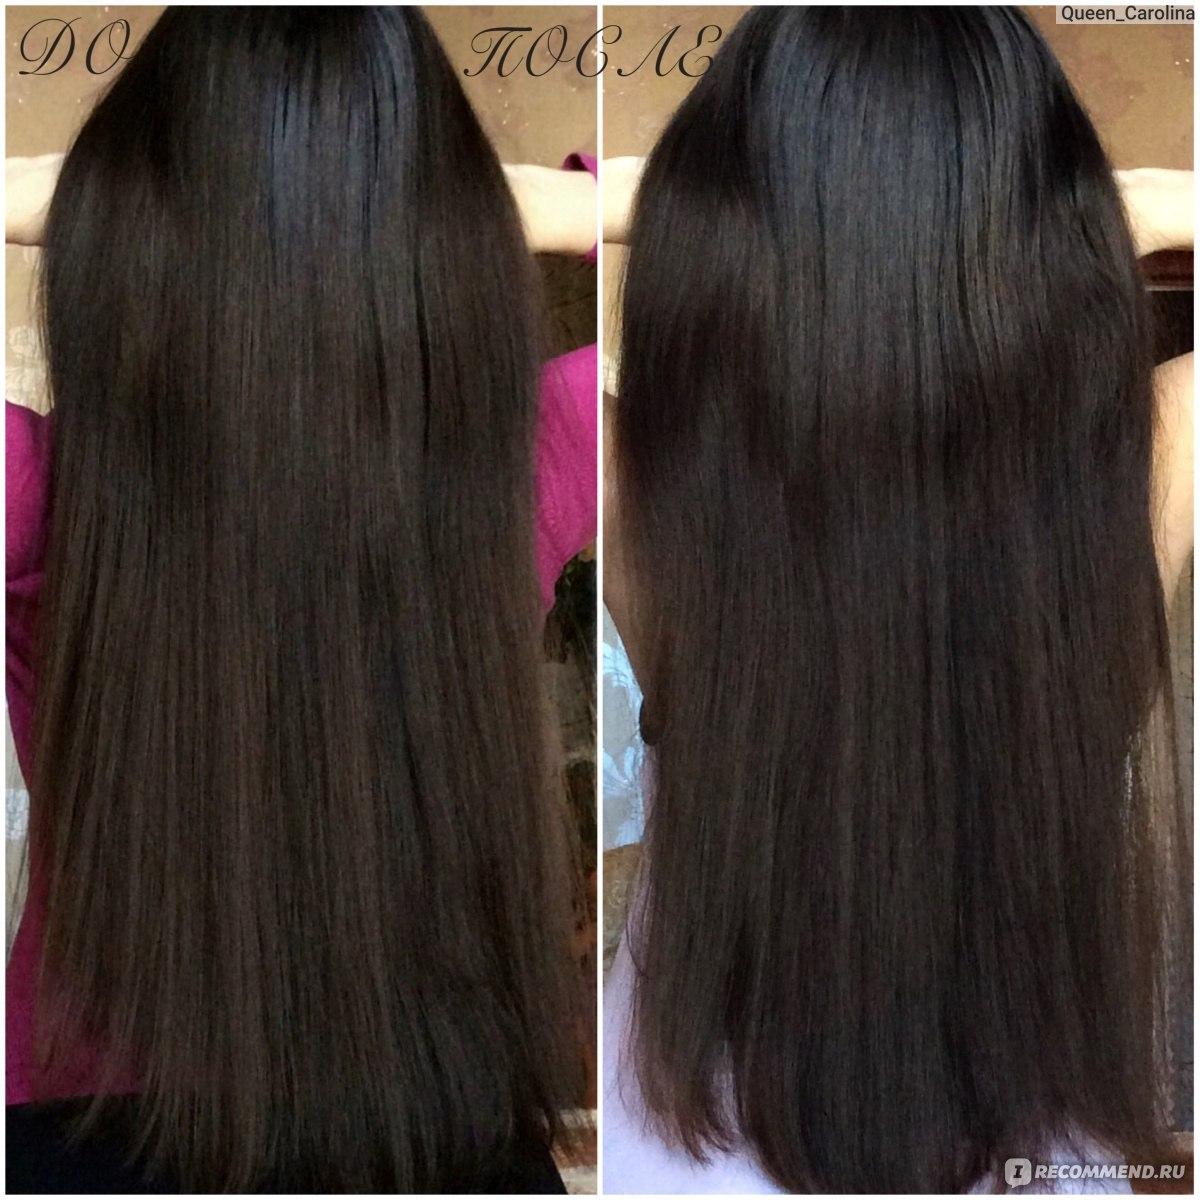 Ламинирование волос на желатине